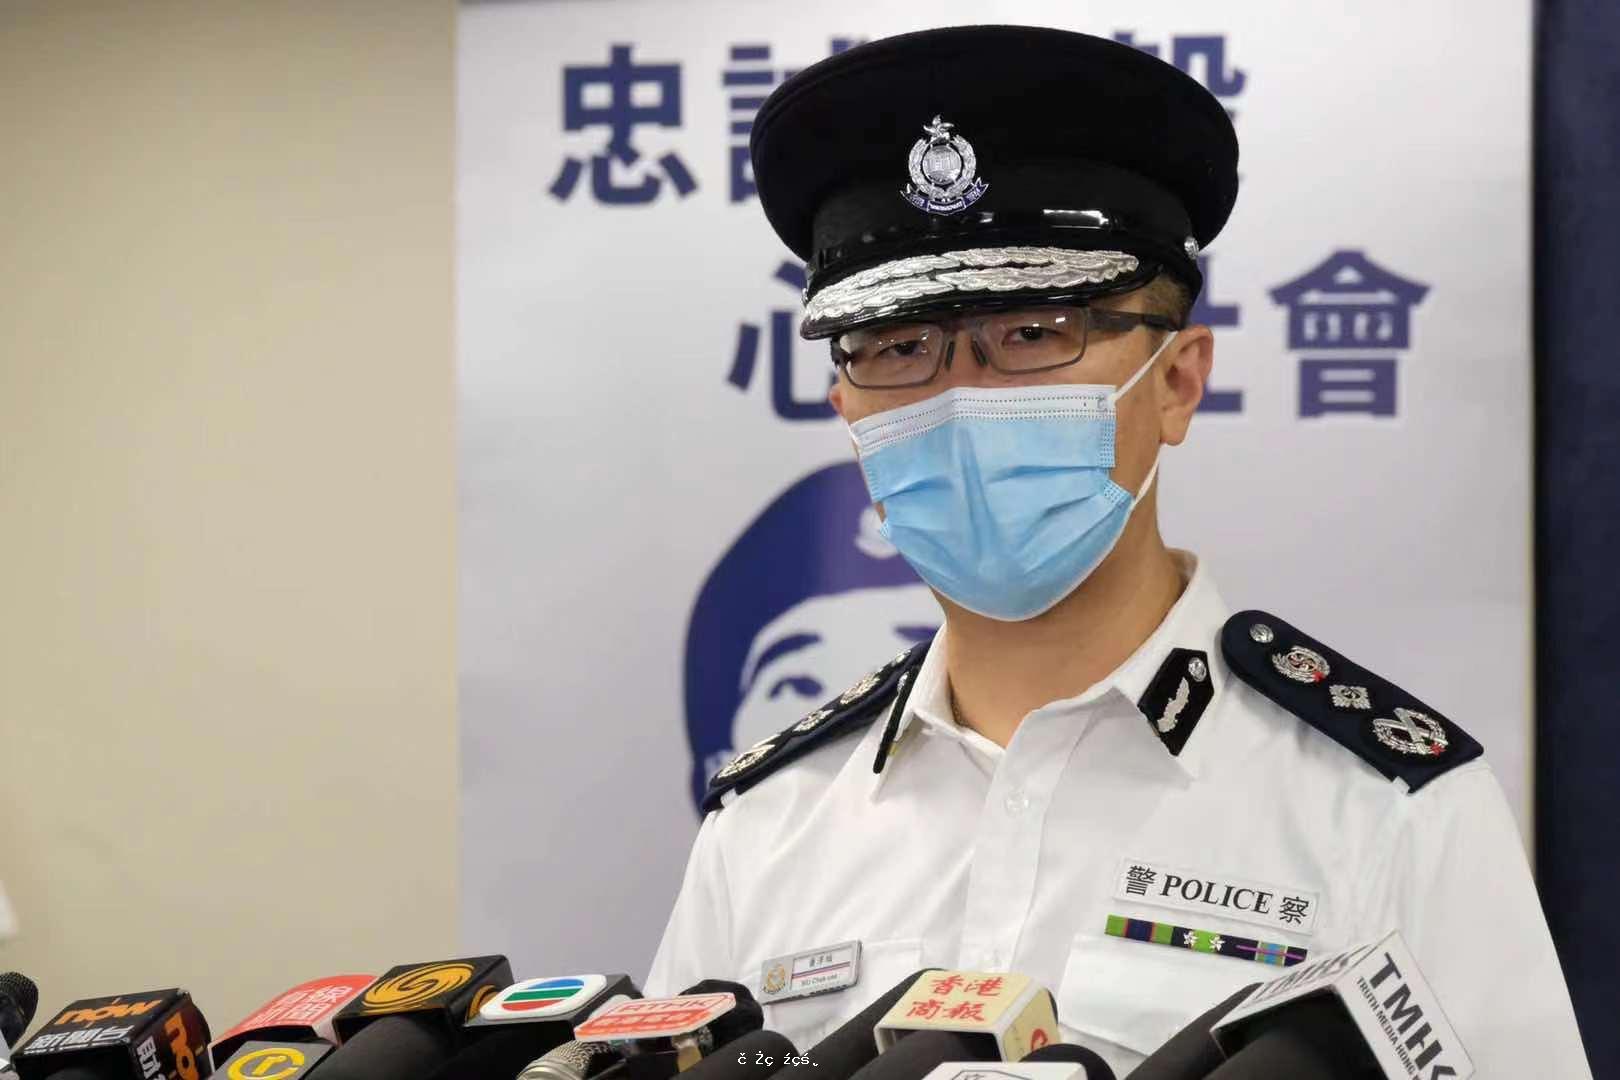 上半年罪案同比下跌4.6% 蕭澤頤籲警惕「黑暴」趨地下化